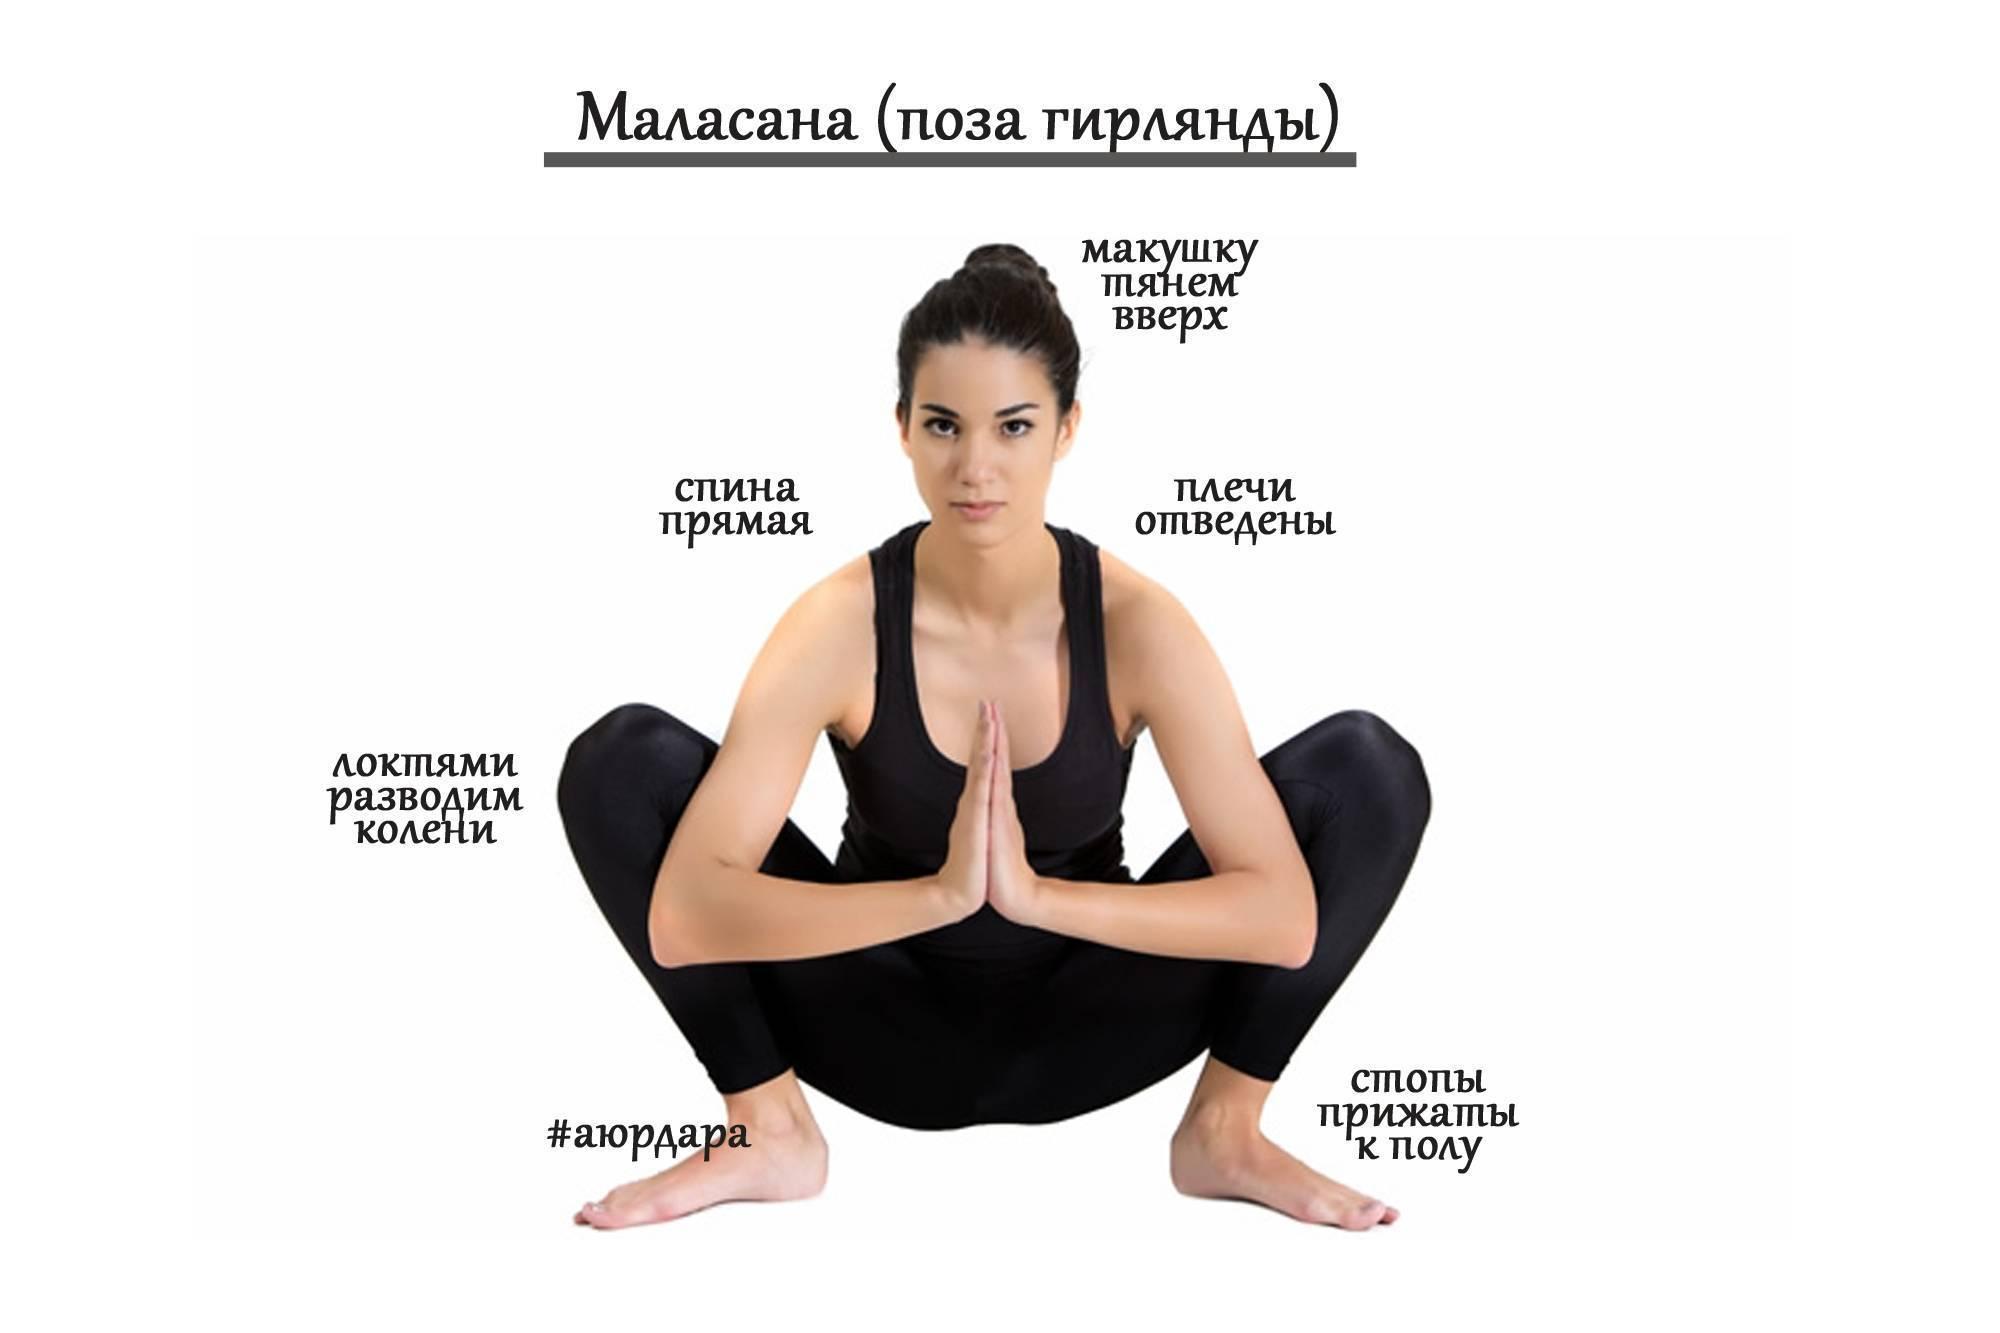 Шалабхасана: полная техника выполнения позы саранчи в йоге с фото и видео